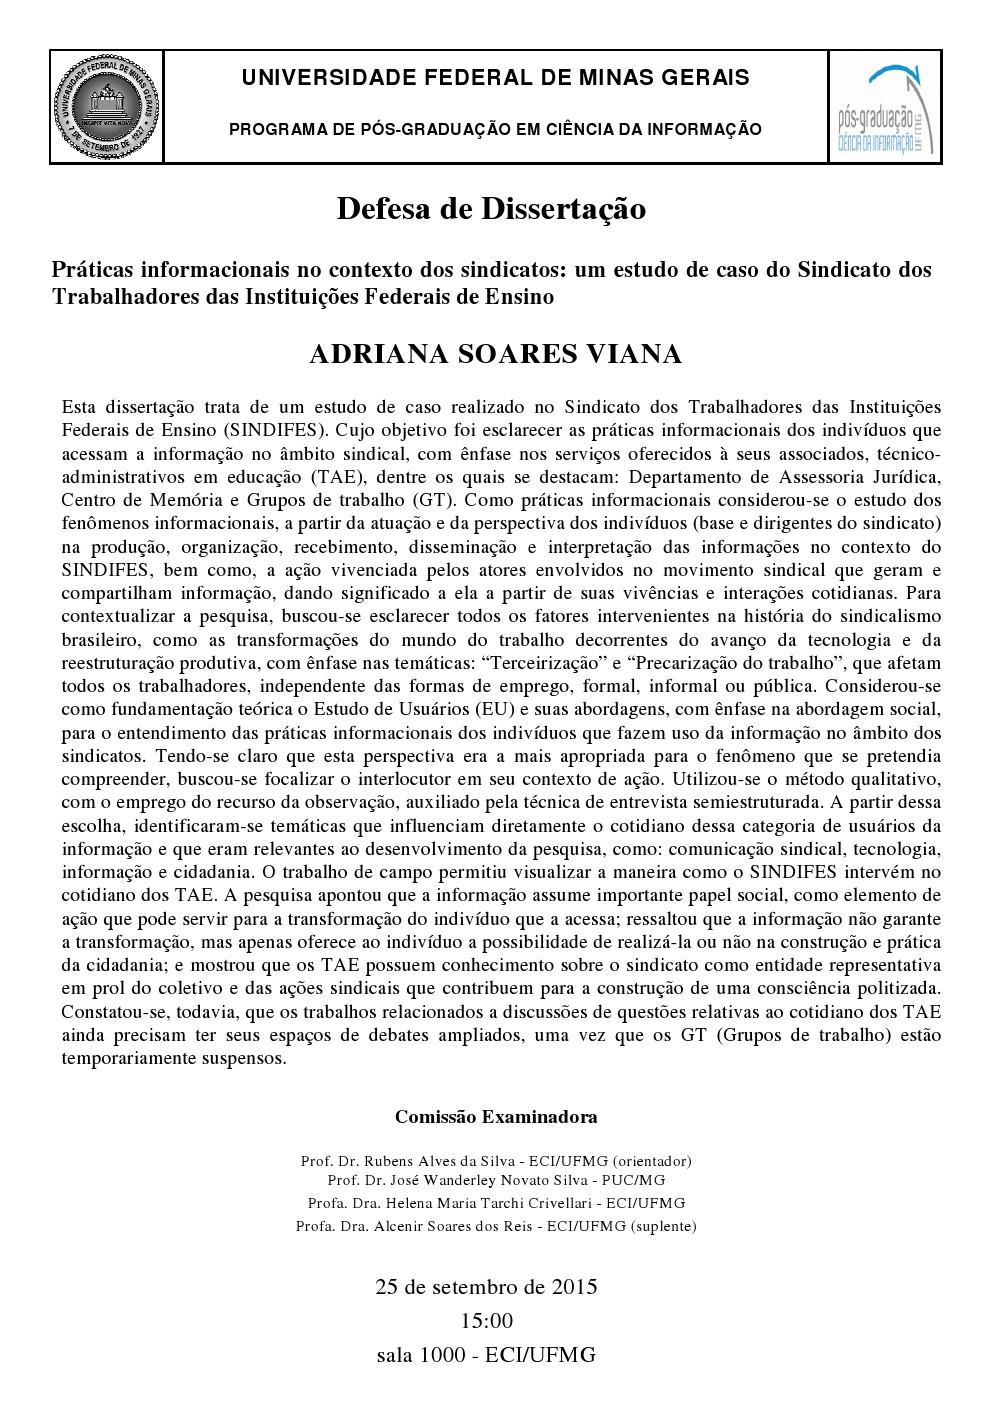 Defesa Dissertação Adriana Soares Viana